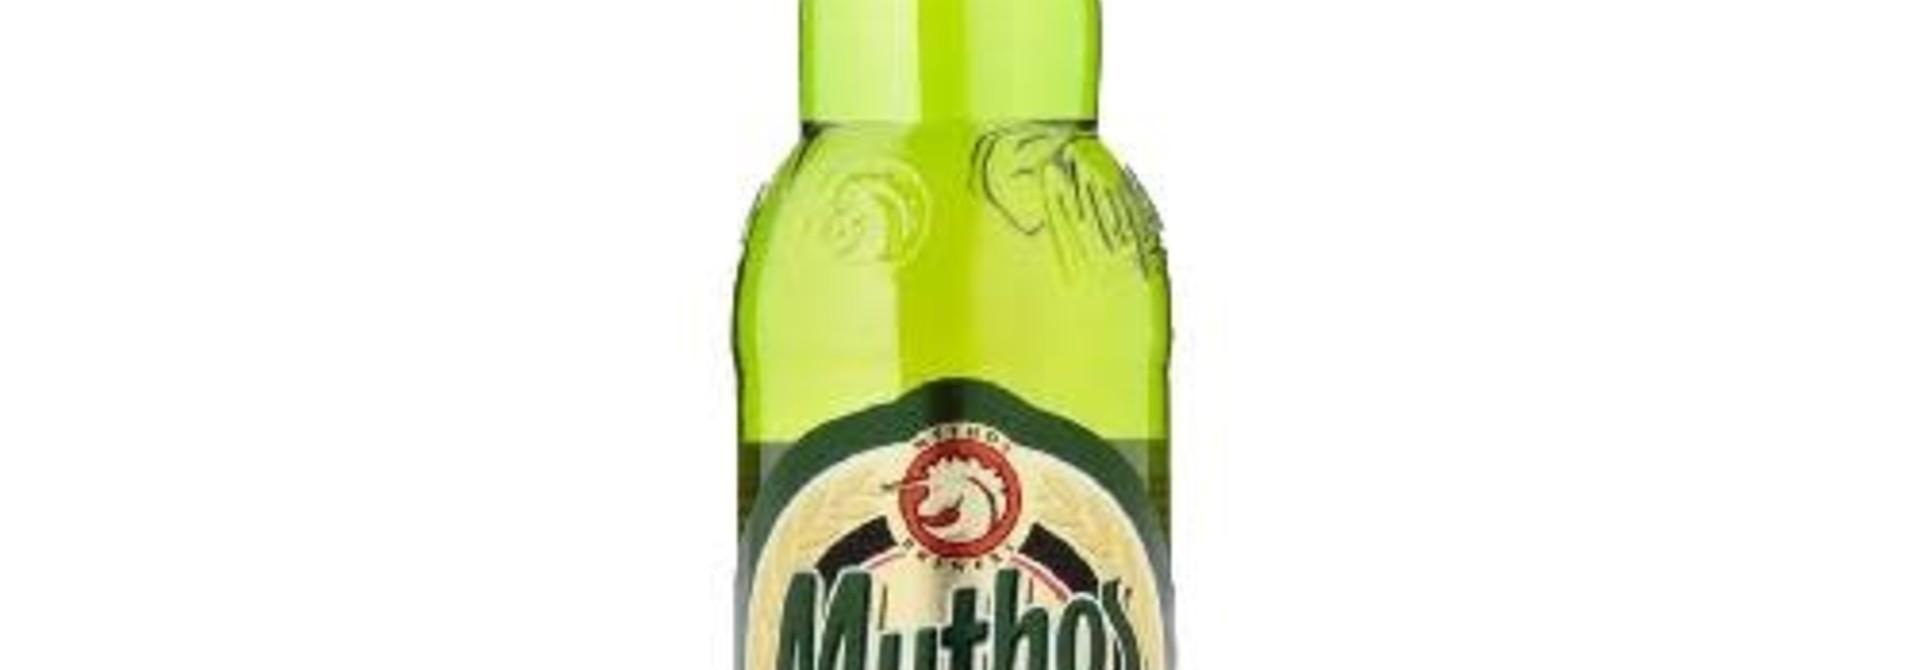 MYTHOS O.W. GRIEKS